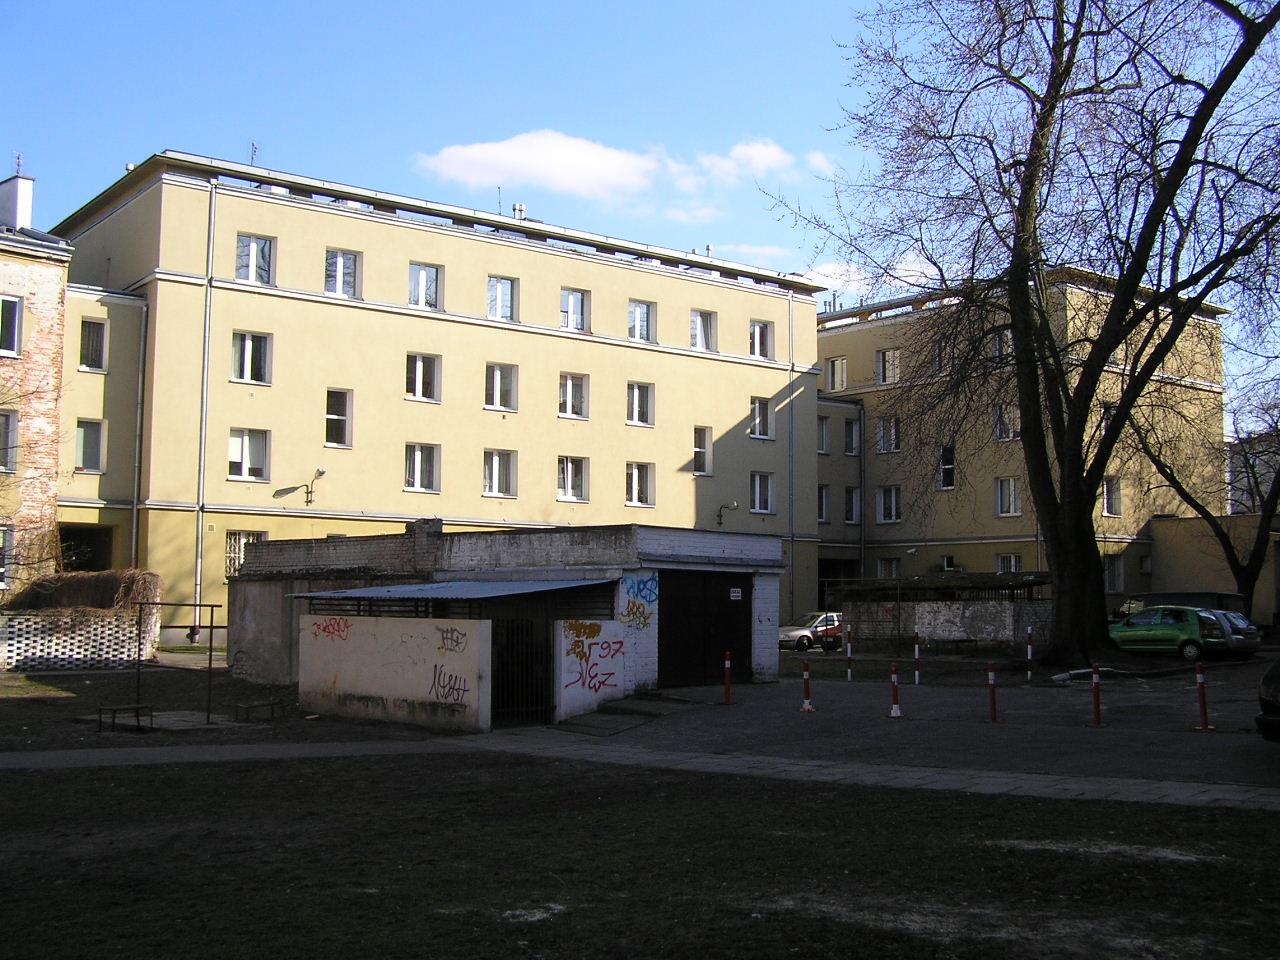 Budynek przy ulicy Rębkowskiej 1 na Grochowie